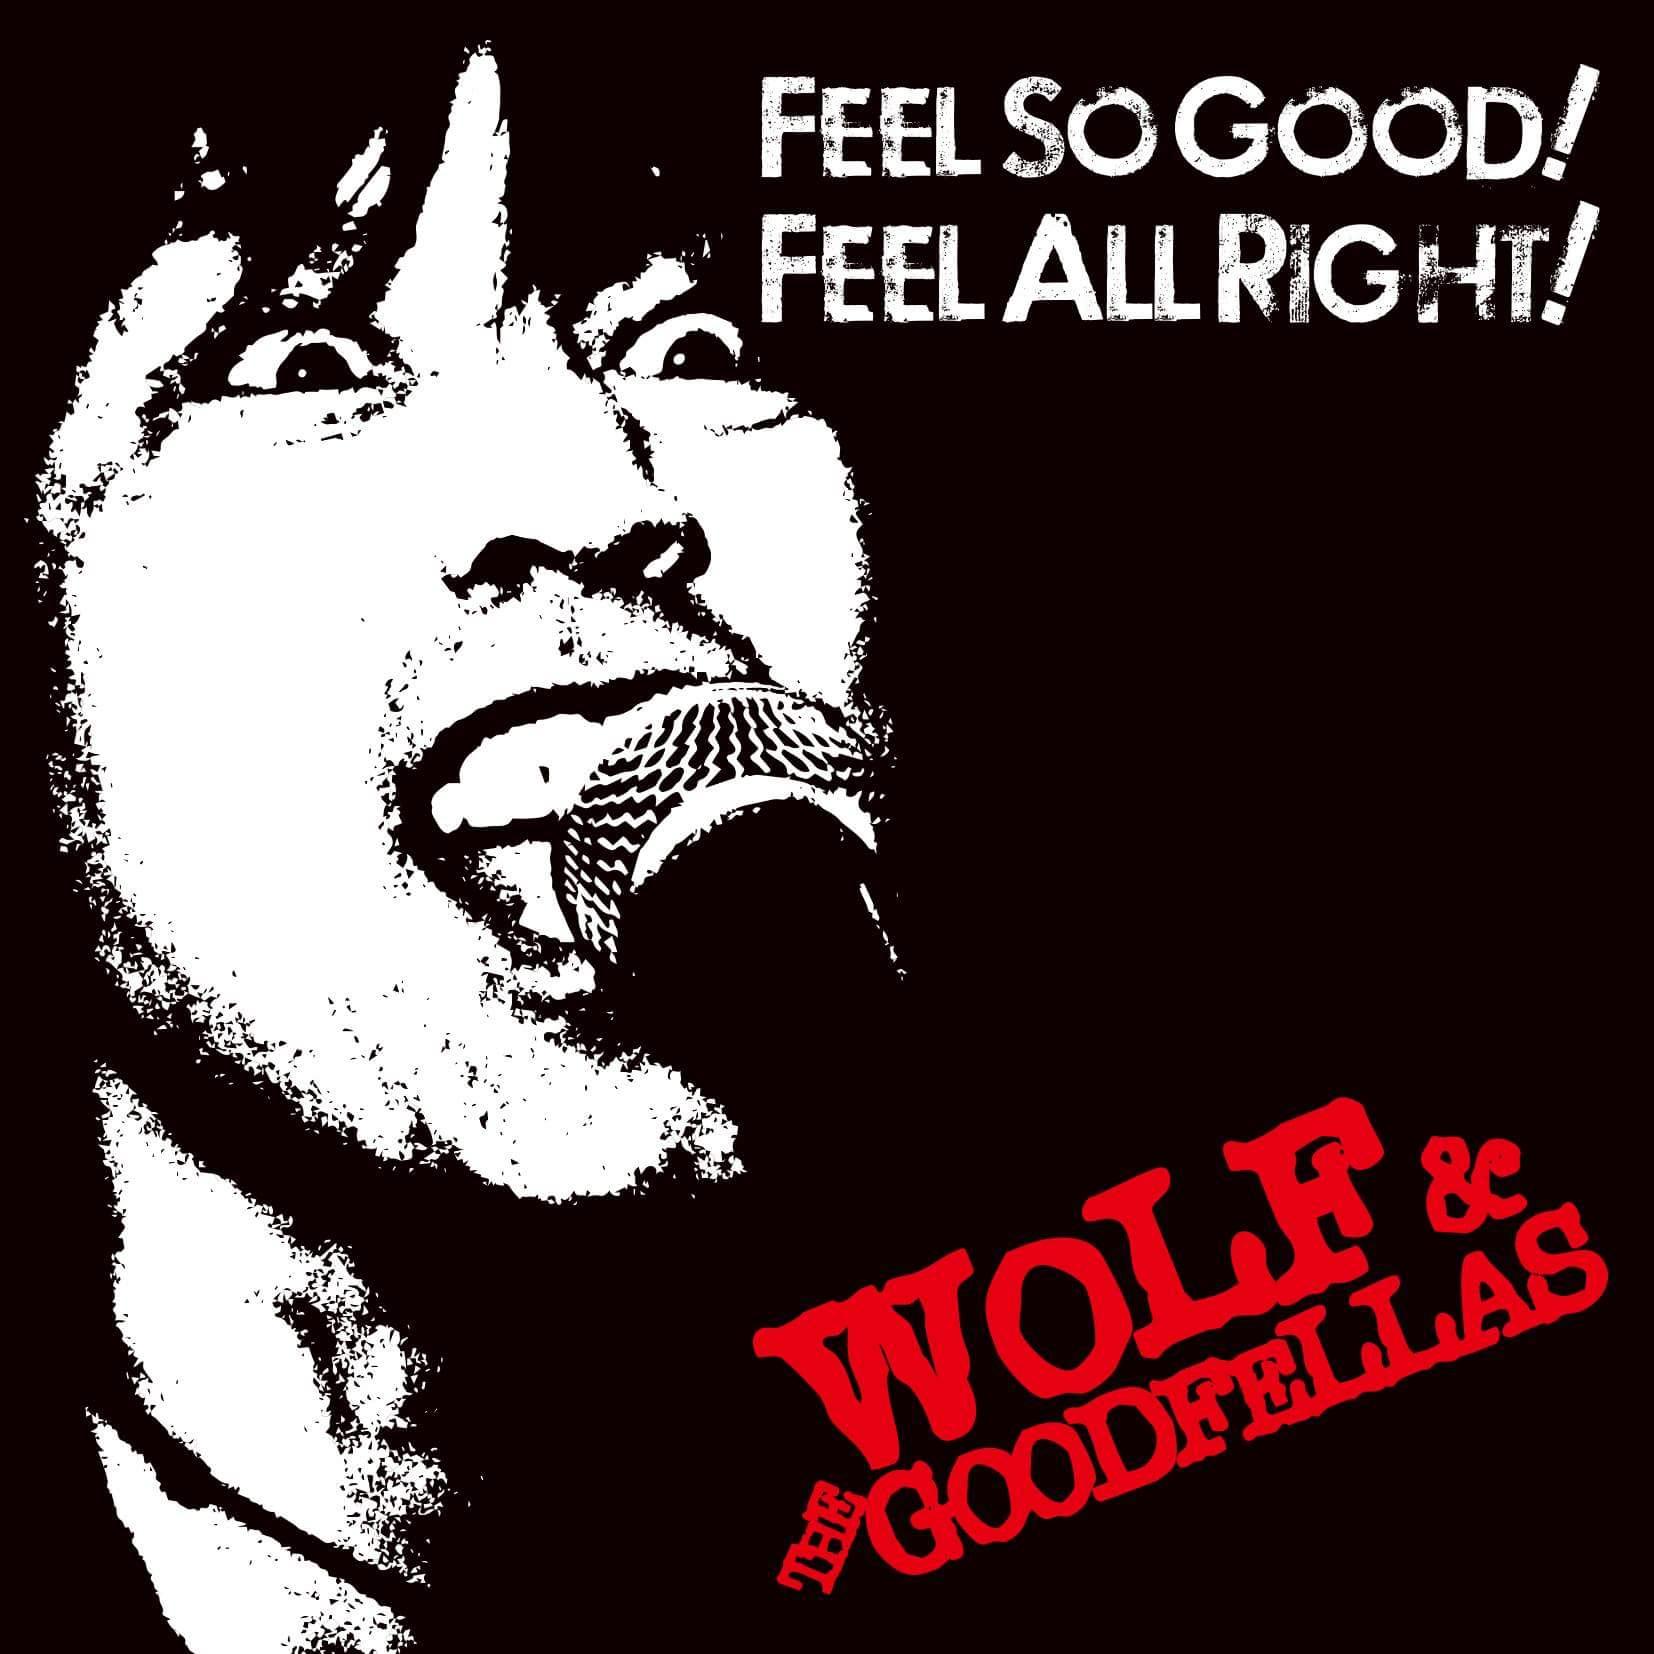 wolfFEELSOGOODFEELALLRIGHT.jpg